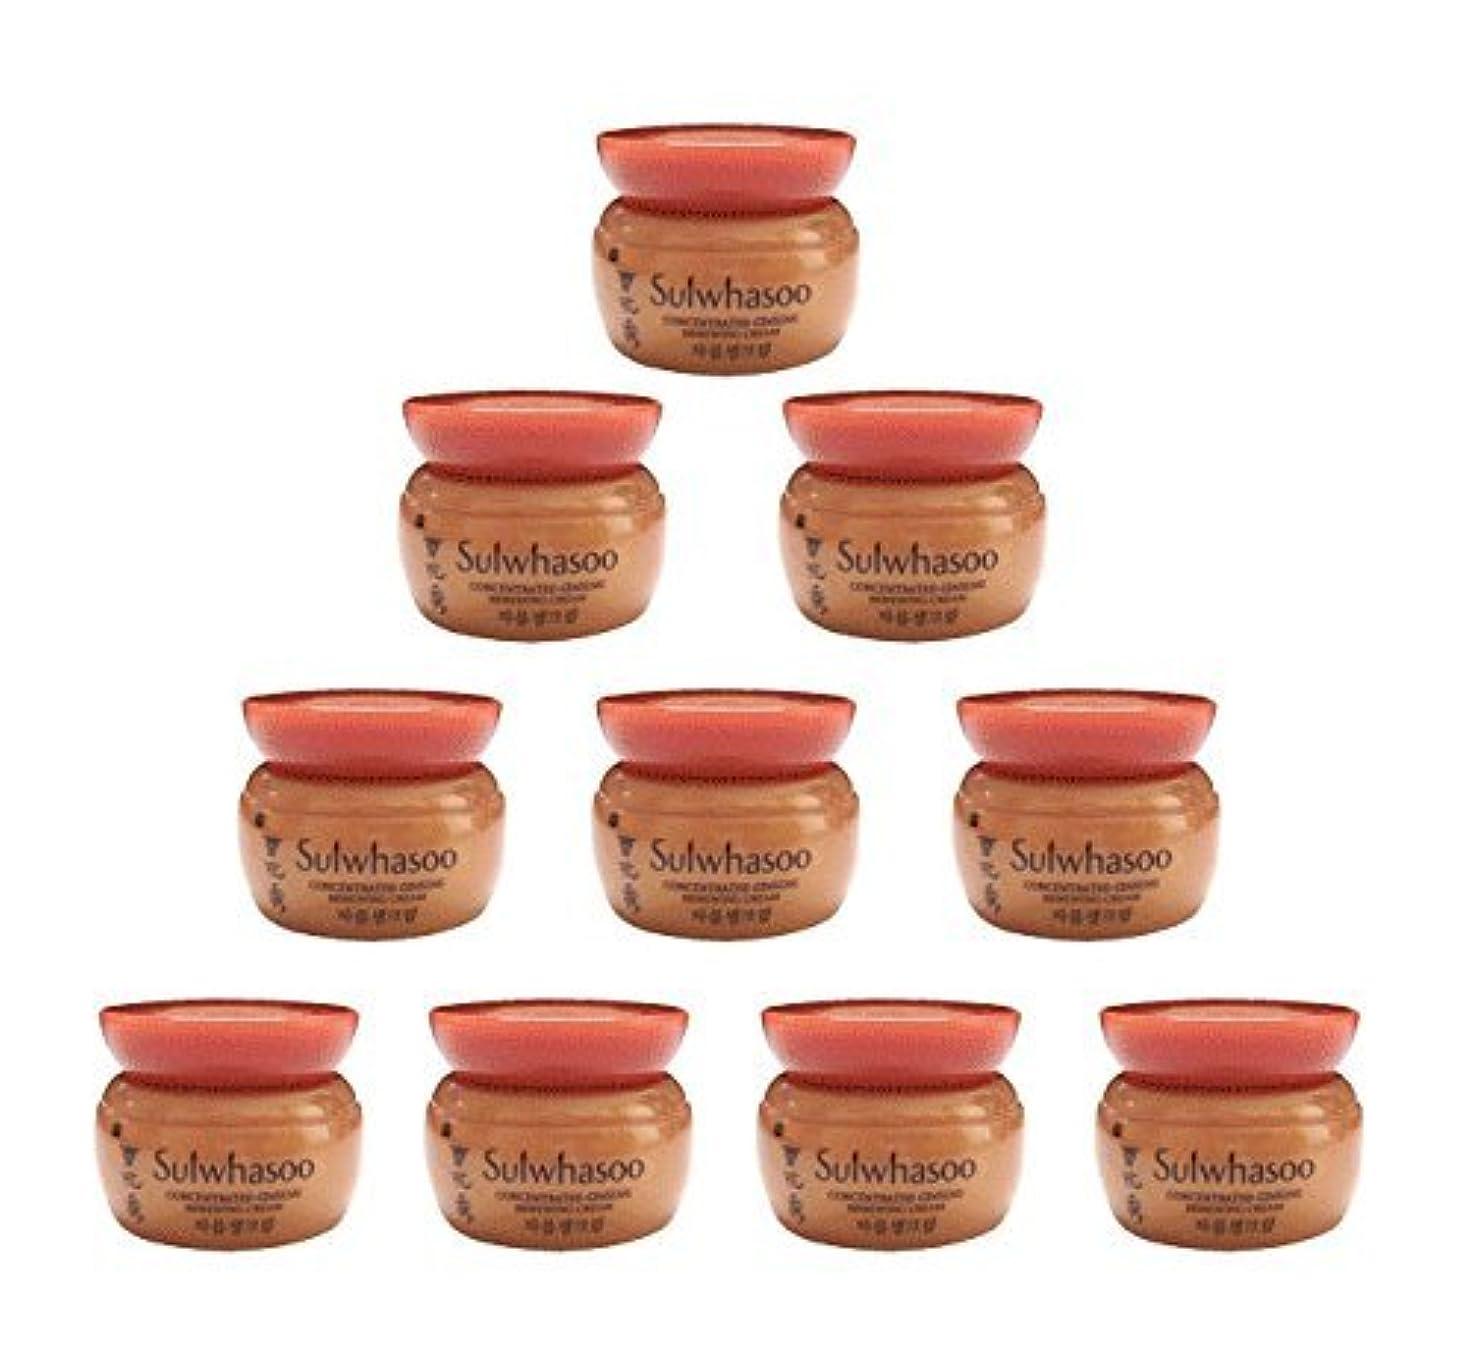 姓スペアホイスト【ソルファス 雪花秀 Sulwhasoo】 Concentrated Ginseng Renewing Cream(50ml) 5ml x 10個 韓国化粧品 ブランドのサンプル [並行輸入品]